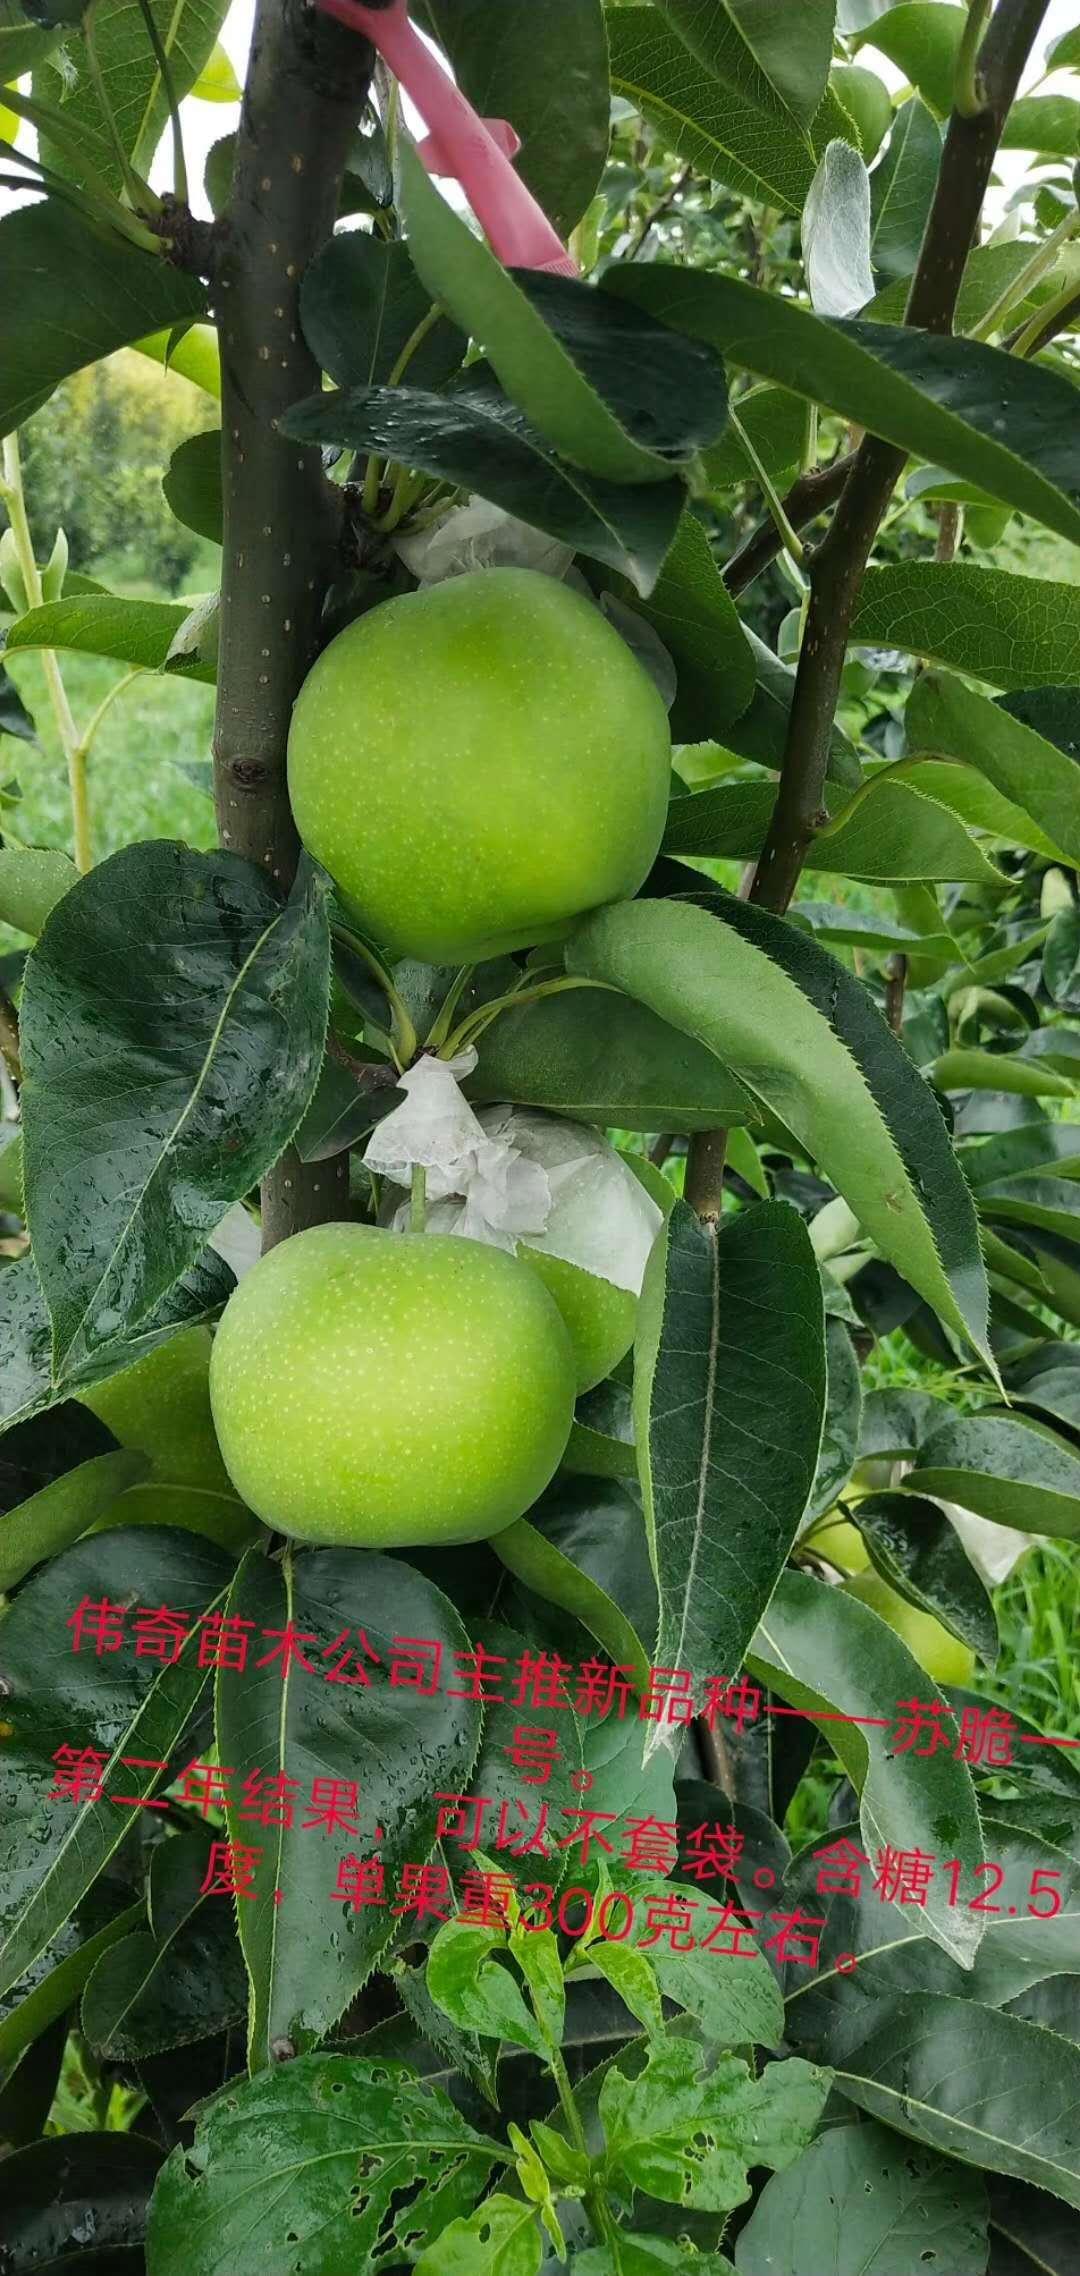 重庆合川梨苗,重庆合川苏翠一号梨树苗货源